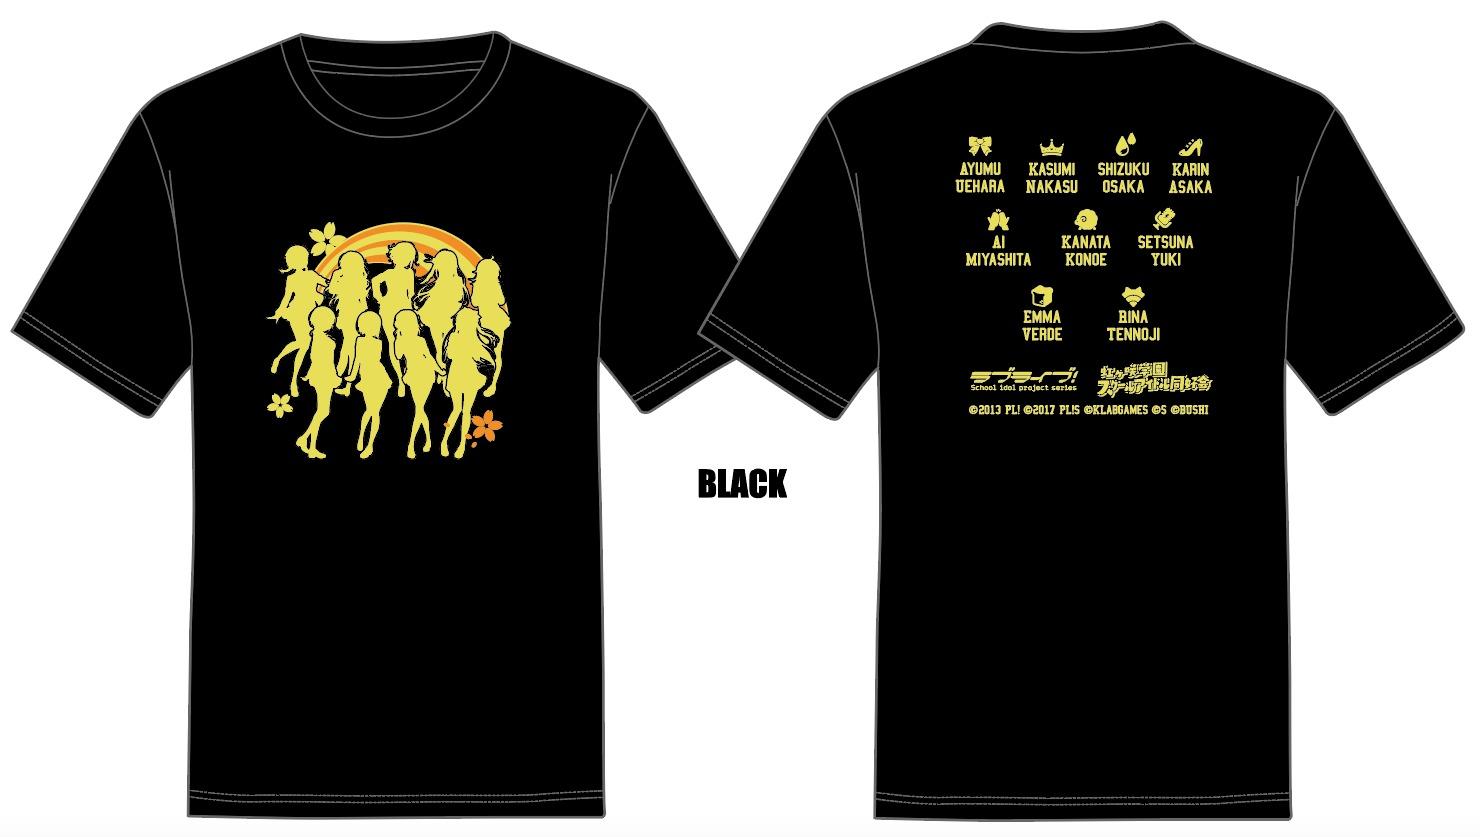 Tシャツ(S/M/L/XL) 各3,000円(税込)